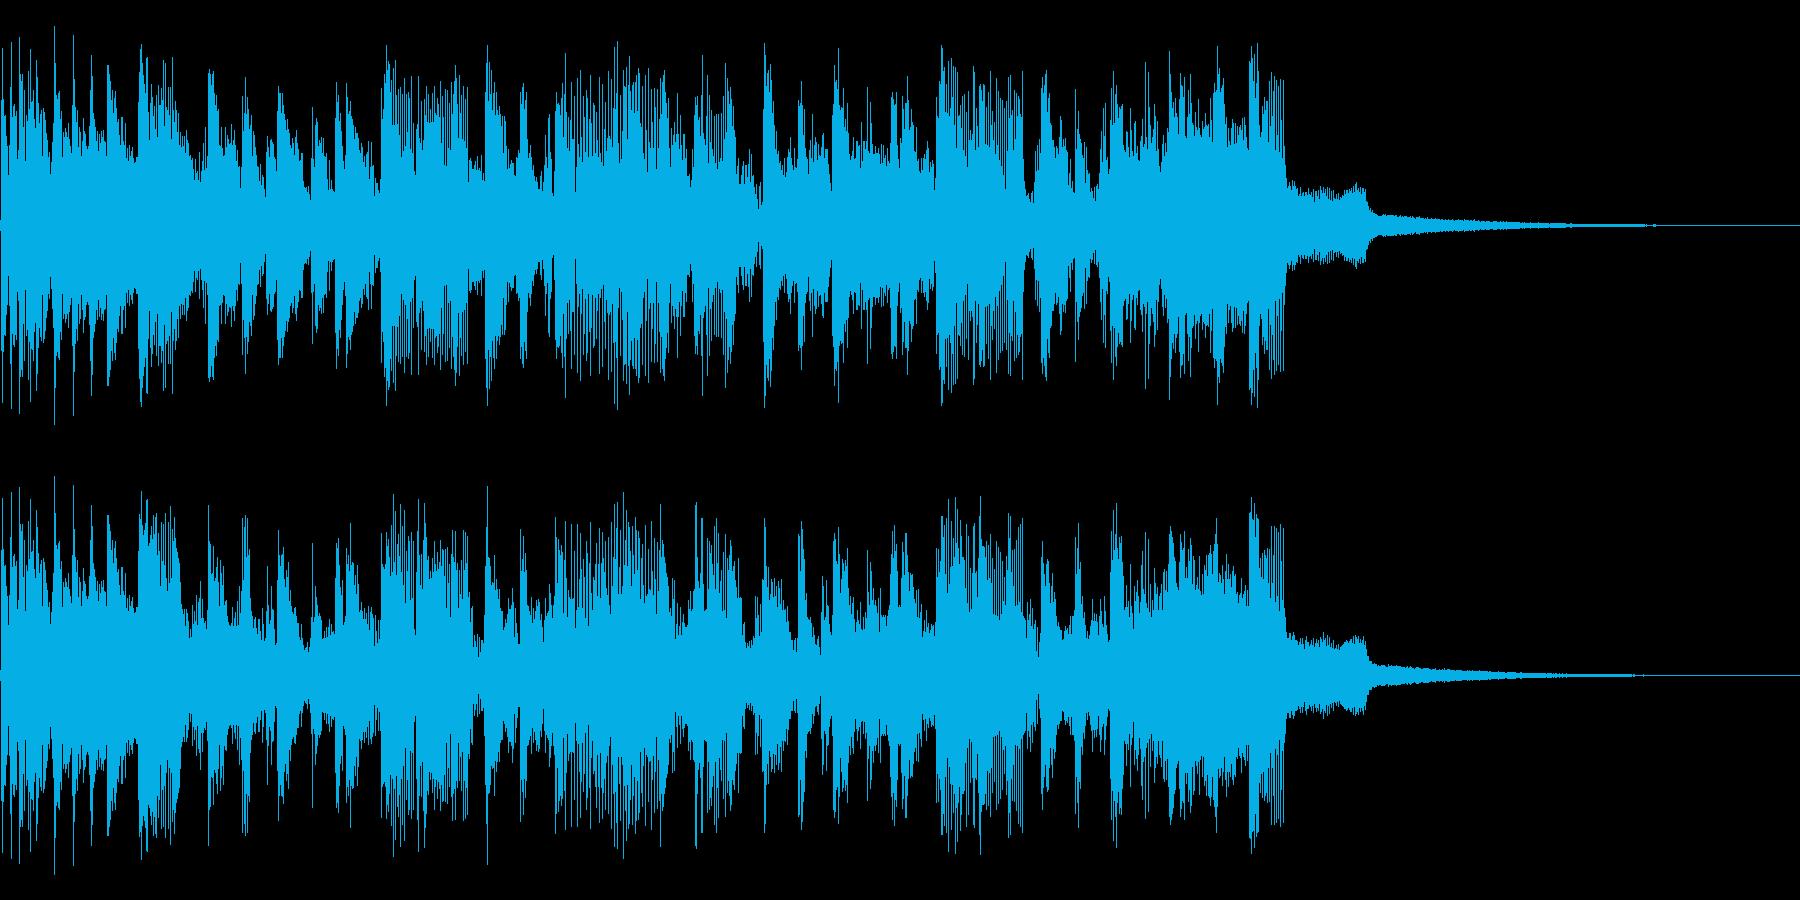 ALTをロールアウトします。混合の再生済みの波形